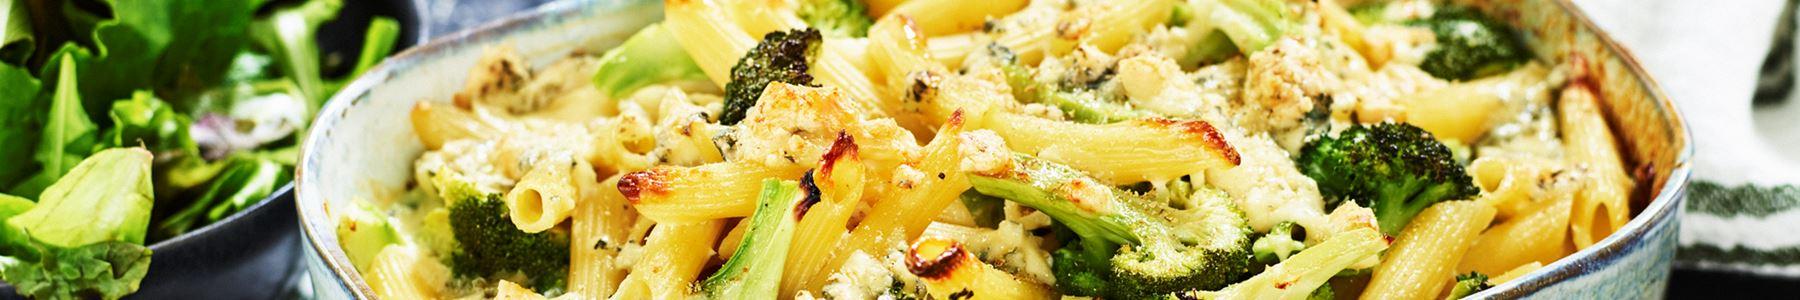 Vegetarisk + Broccoli + Ädelost